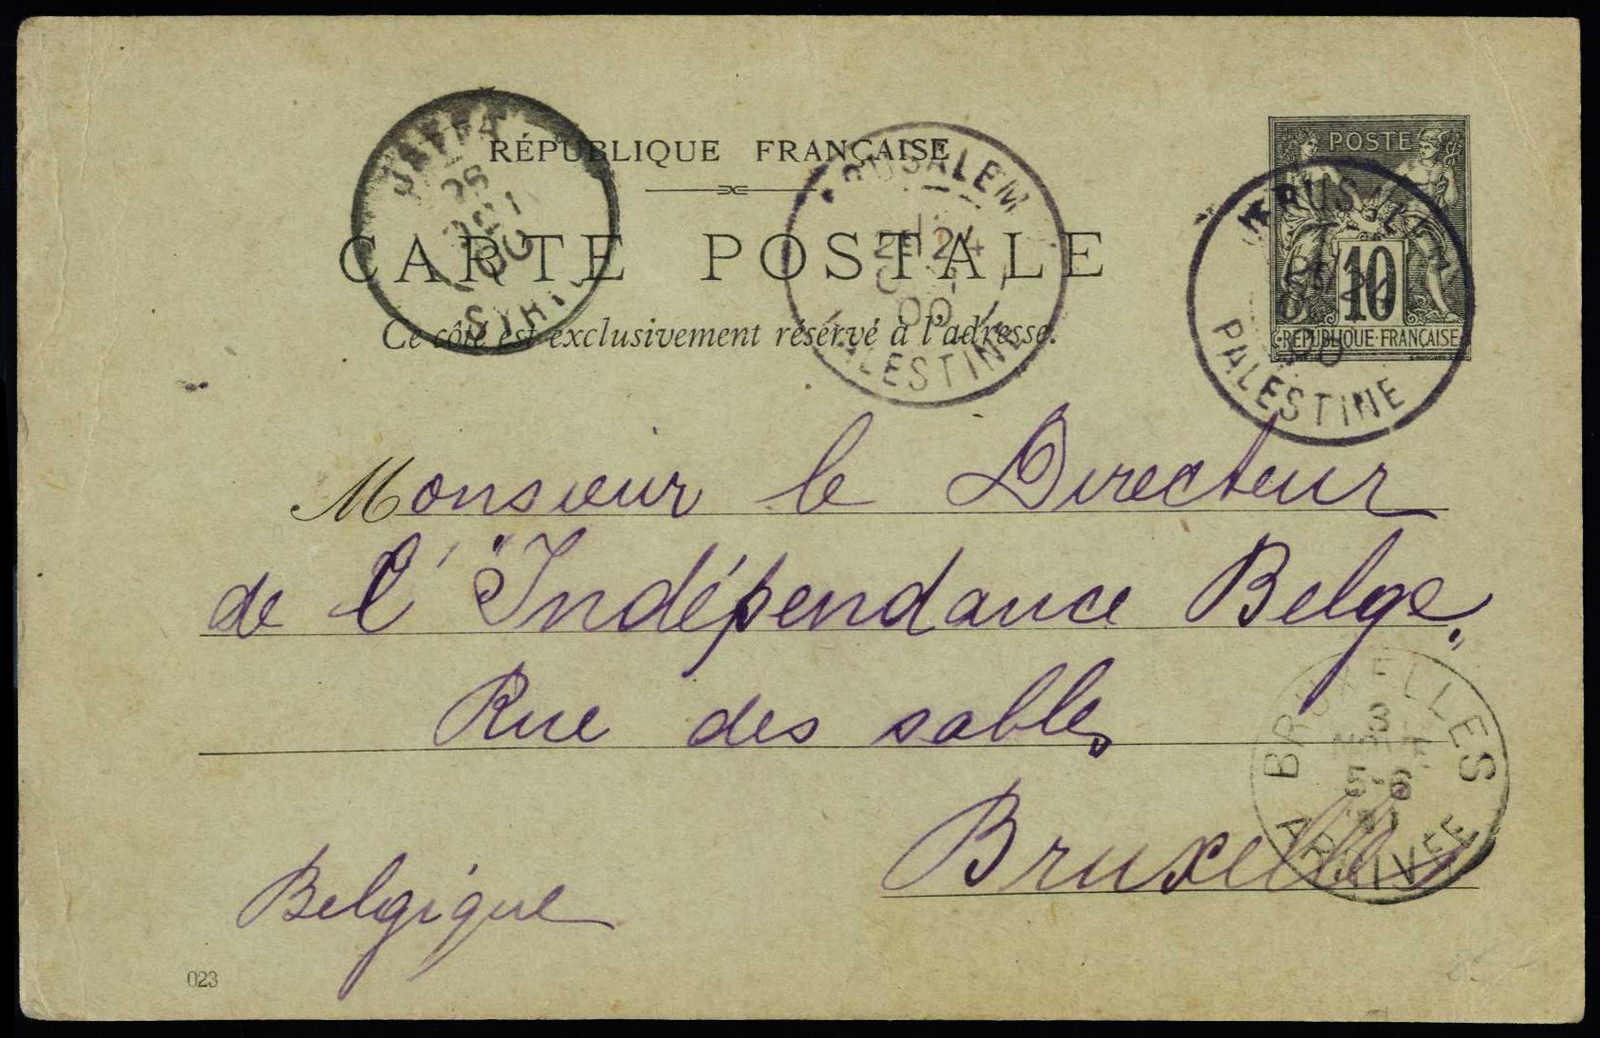 Lot 968 - andere gebiete Palästina Französsische Levante Postämter -  HA HARMERS AUCTIONS S.A. Treasure Hunt 3